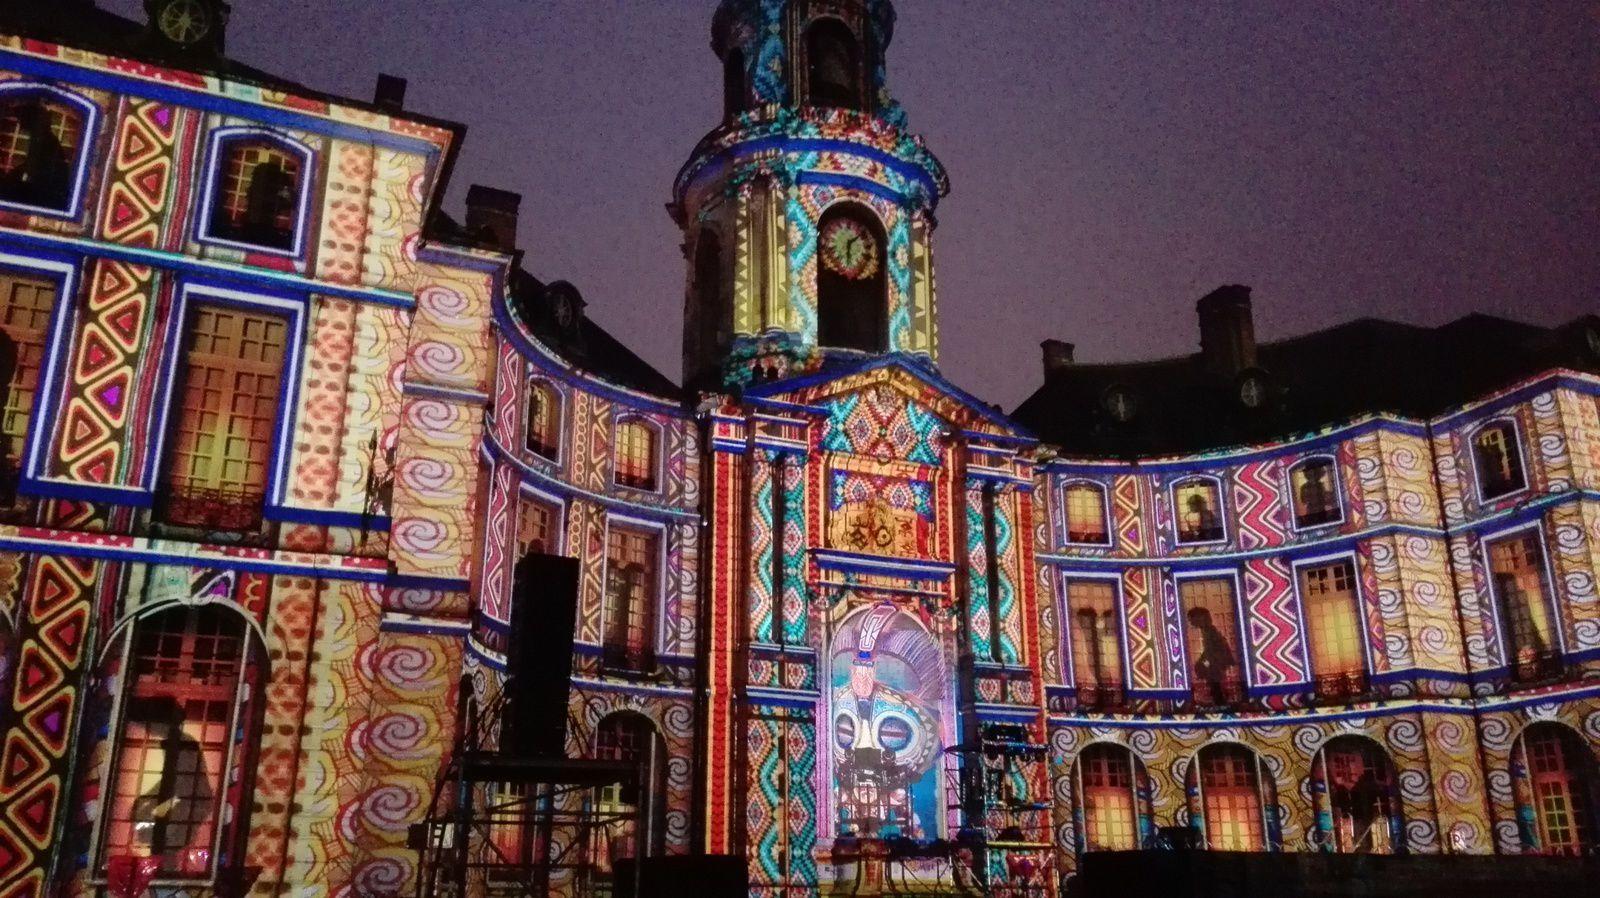 Spectacle de lumières dans notre ville